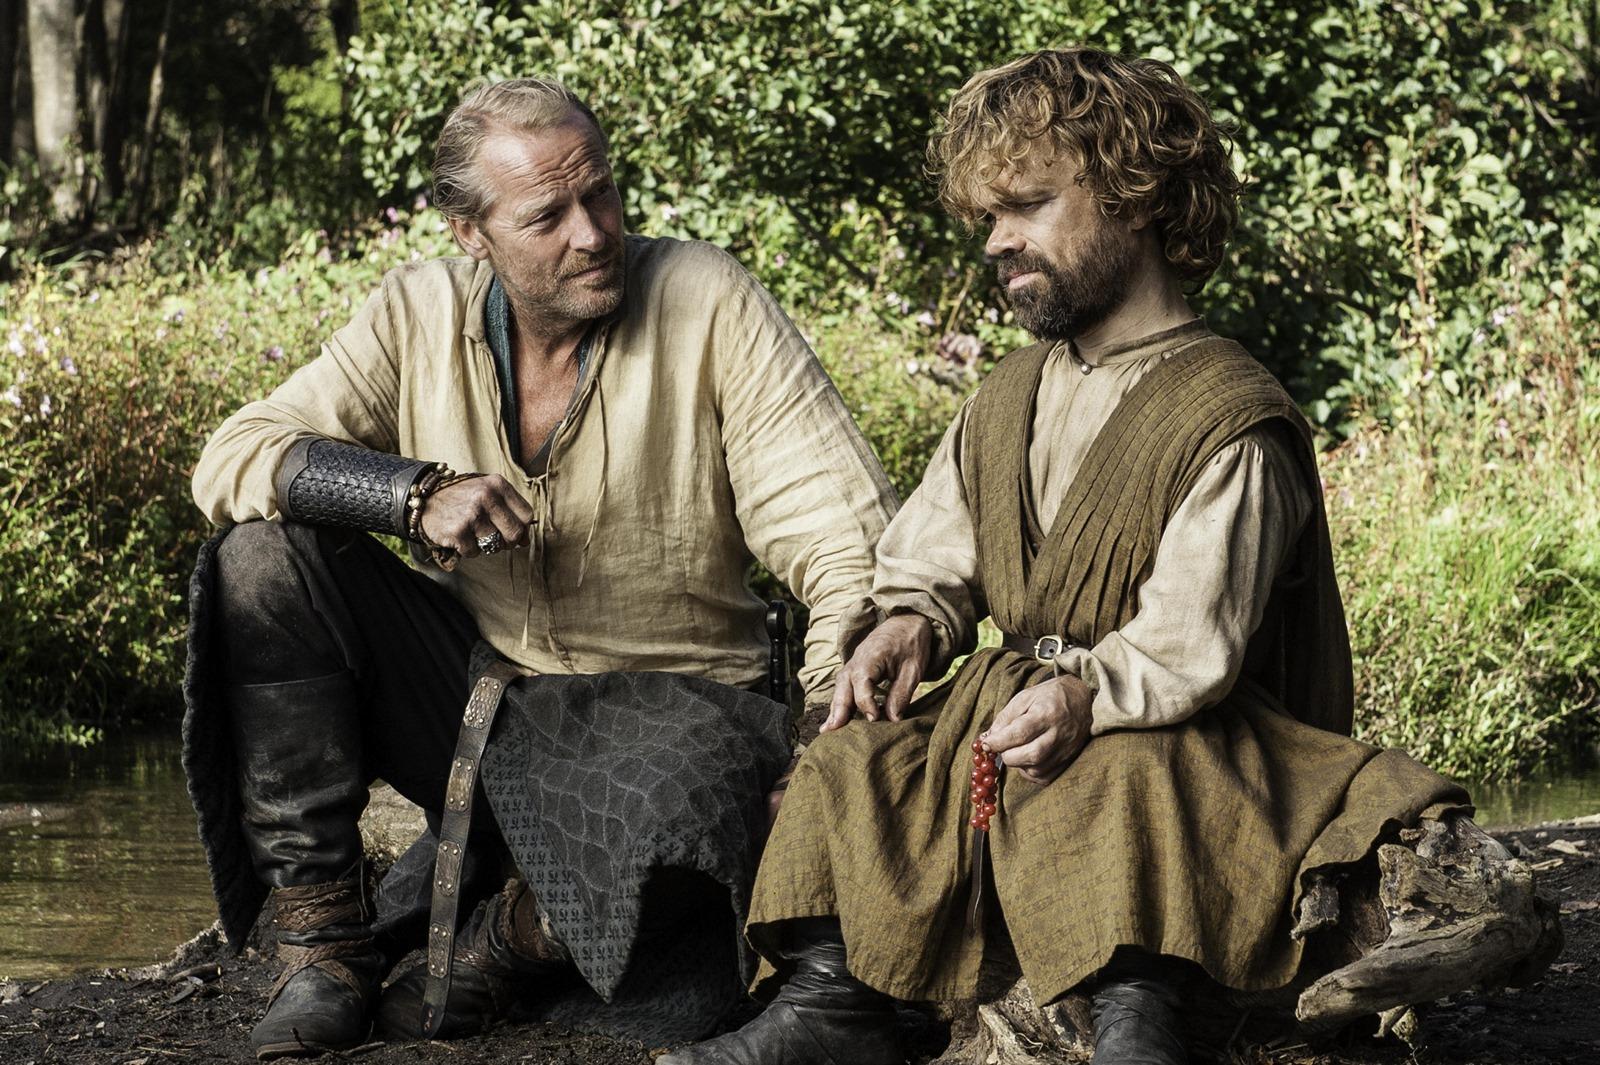 Il trono di spade: Iain Glen e Peter Dinklage nell'episodio Le Serpi delle Sabbie